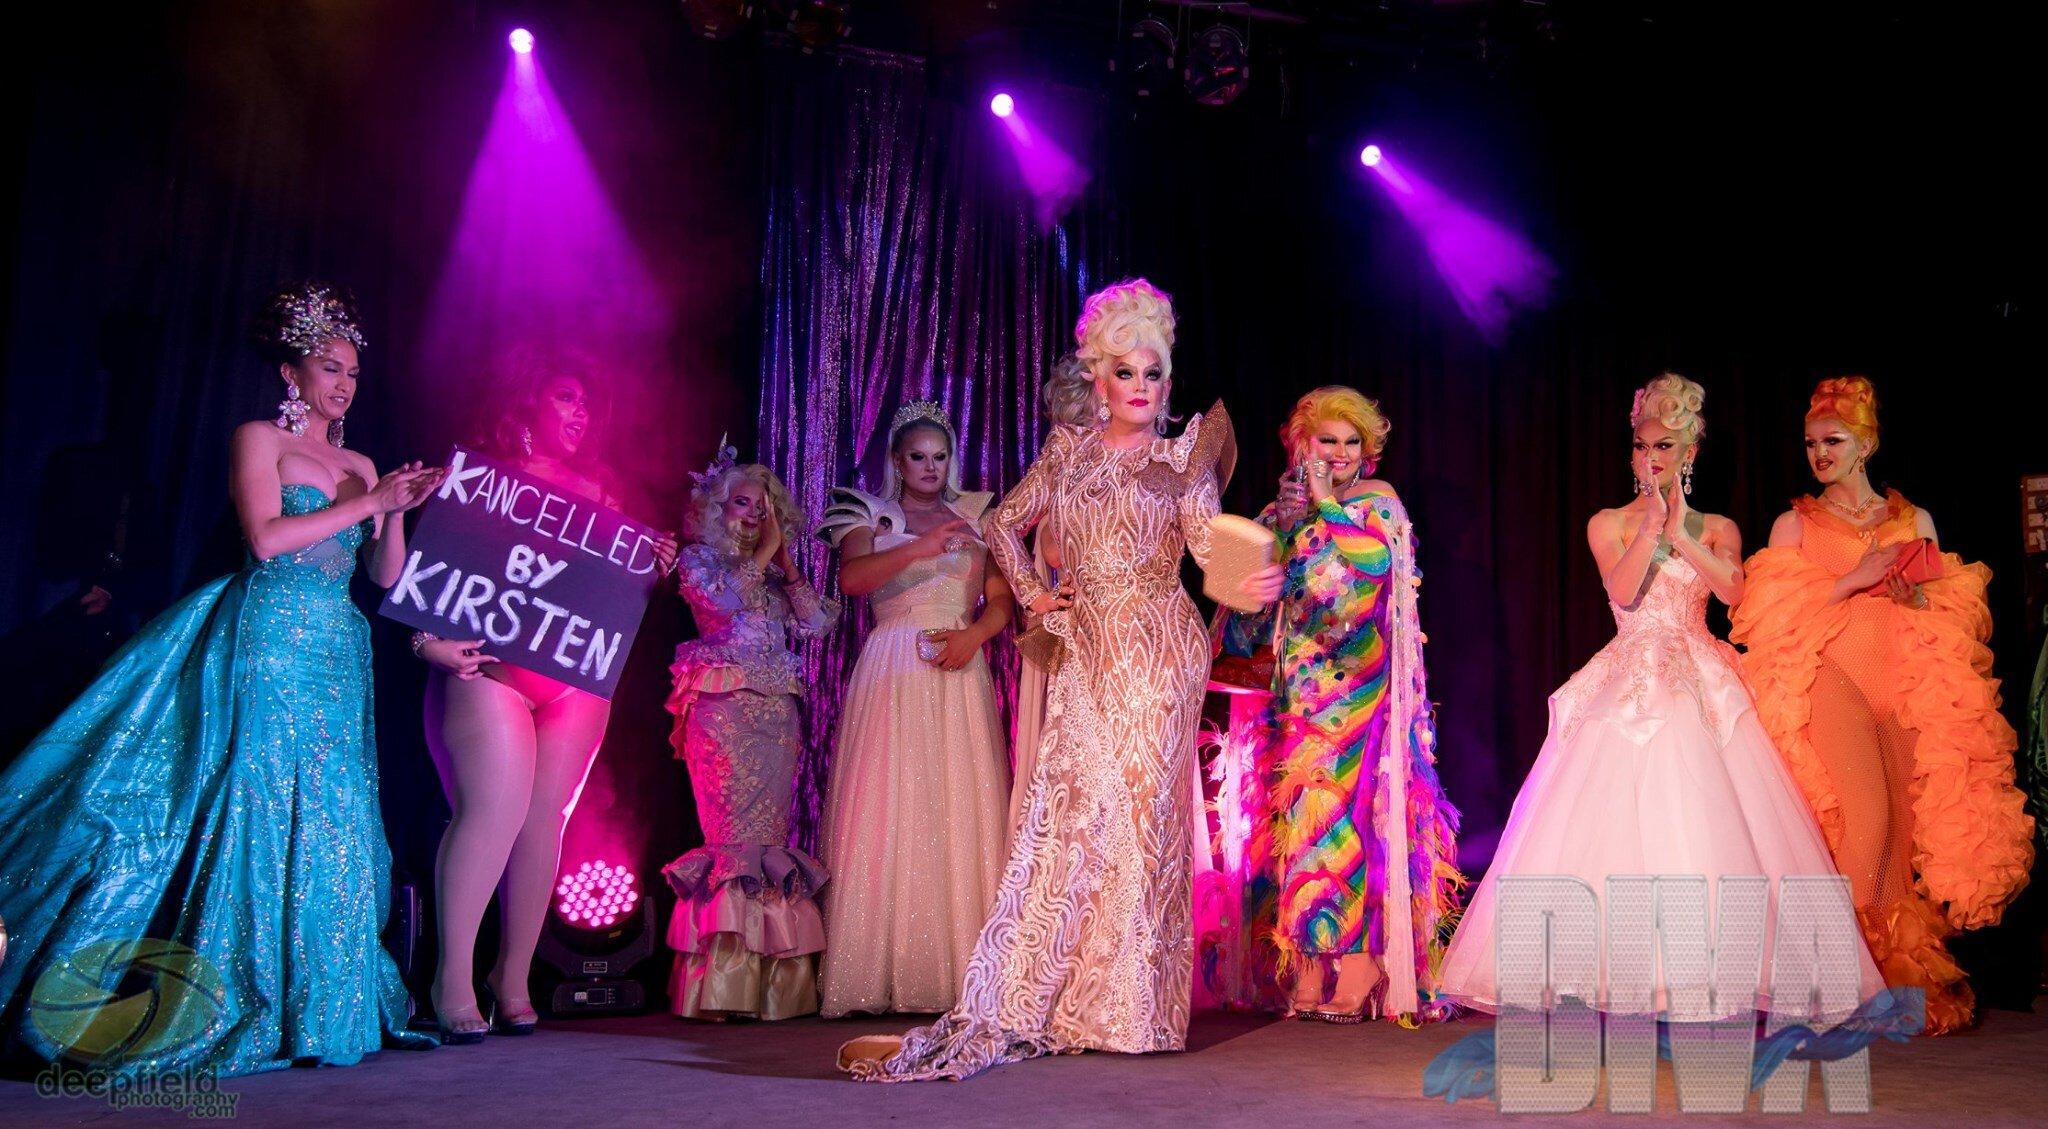 bell-of-the-carmen-geddit-diva-awards-sydney-drag-queen-royalty-best-hire-drag-race-australia-1.jpg